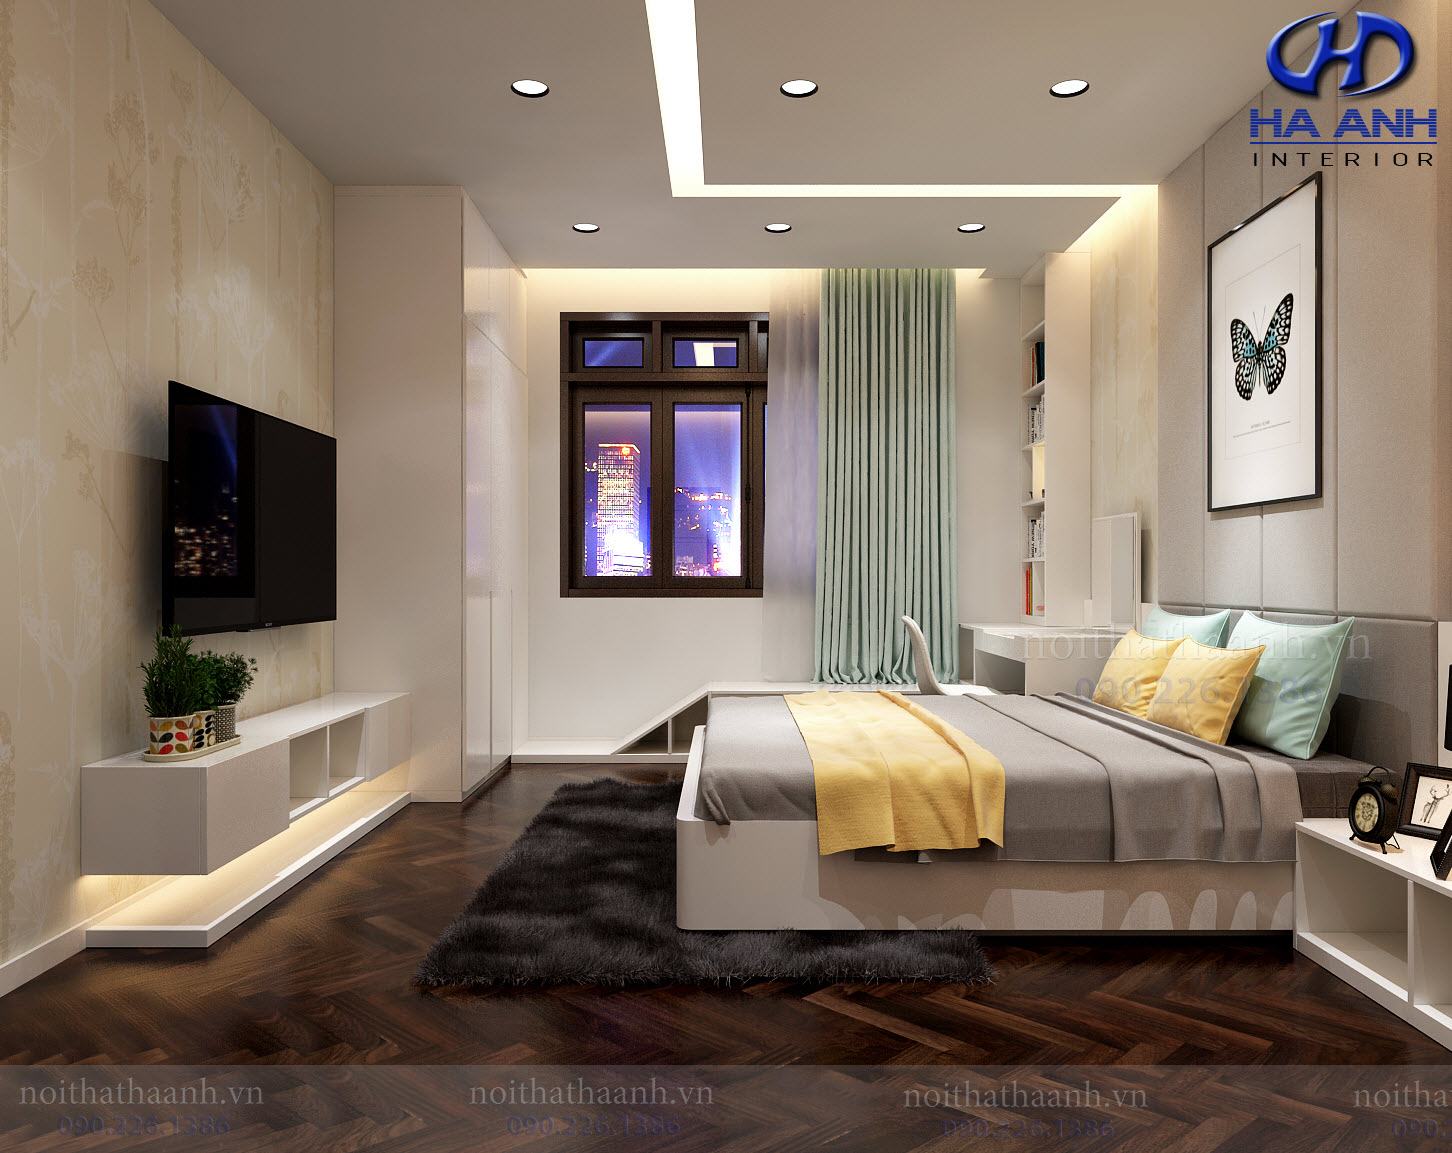 Thiết kế và thi công nội thất gia đình chị Vân TP Sơn La-5